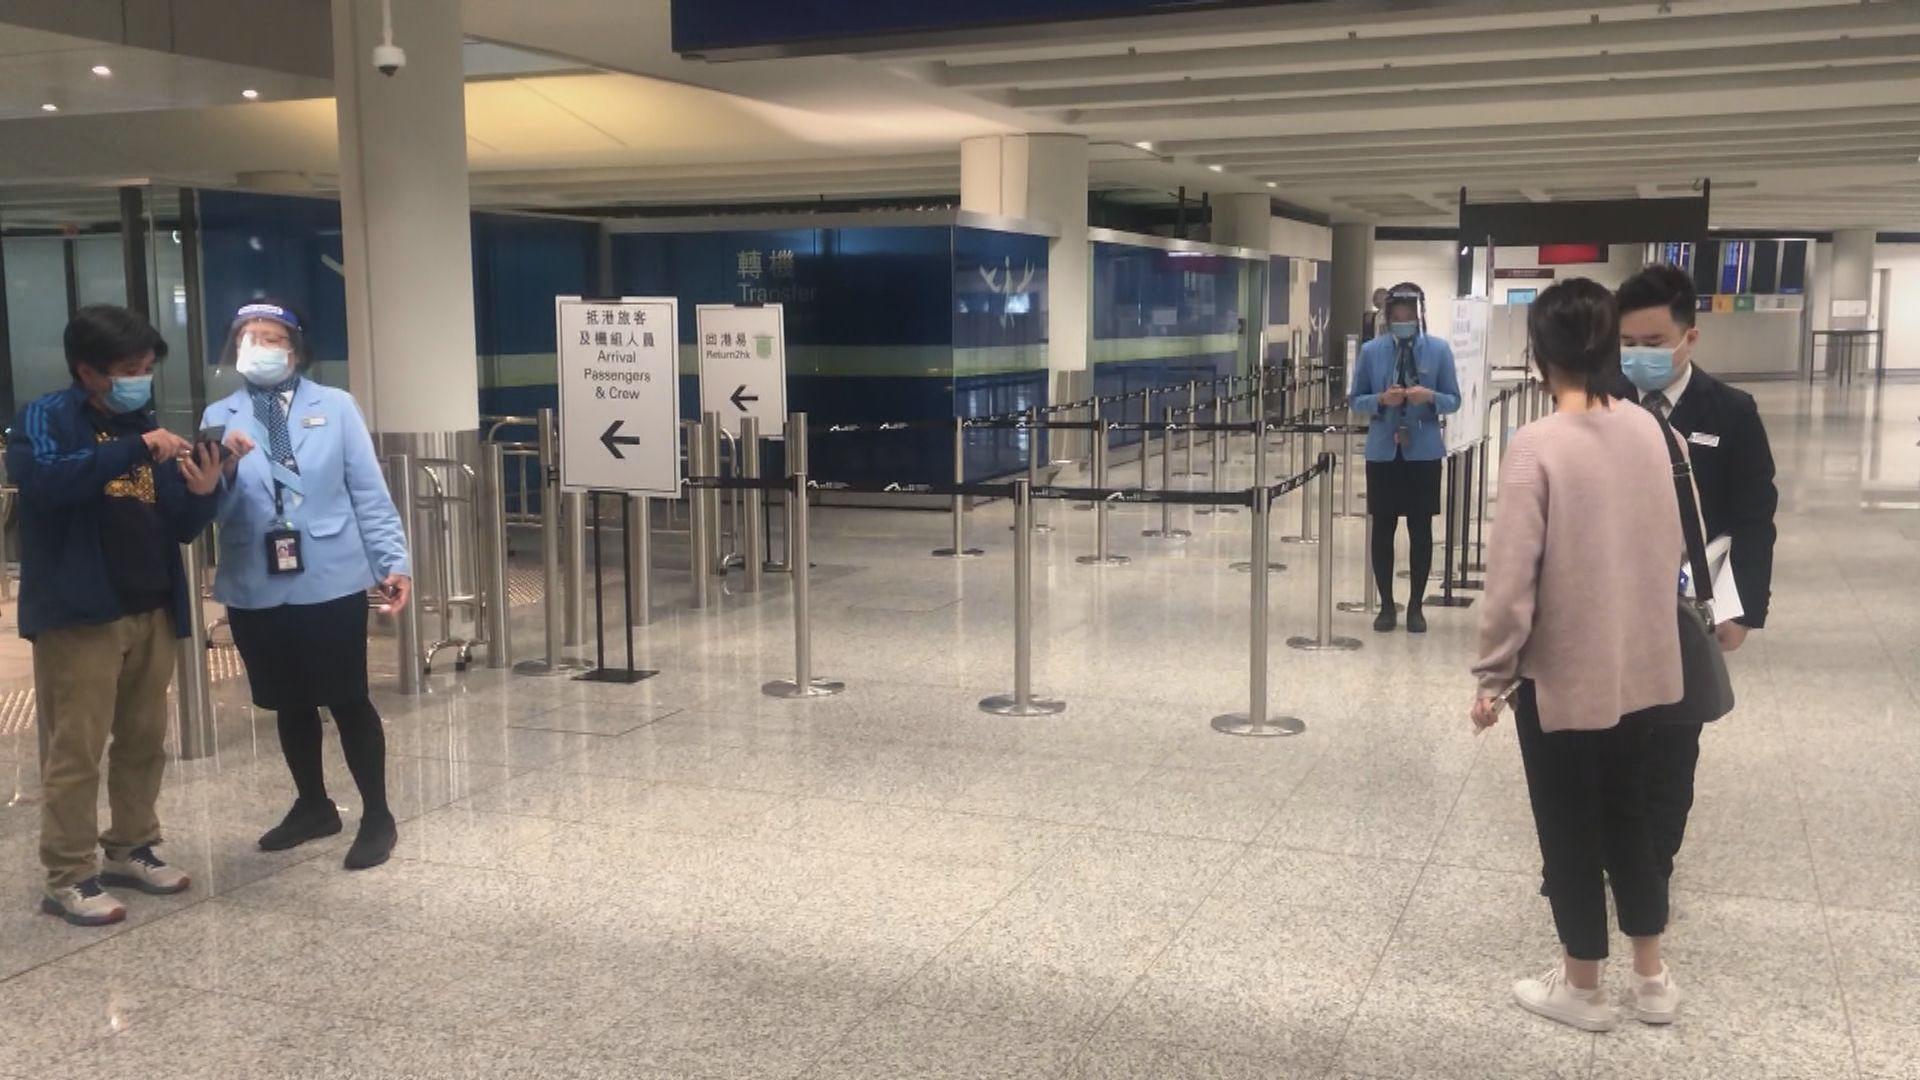 源頭不明個案任職地勤 當局料於機場感染變種病毒